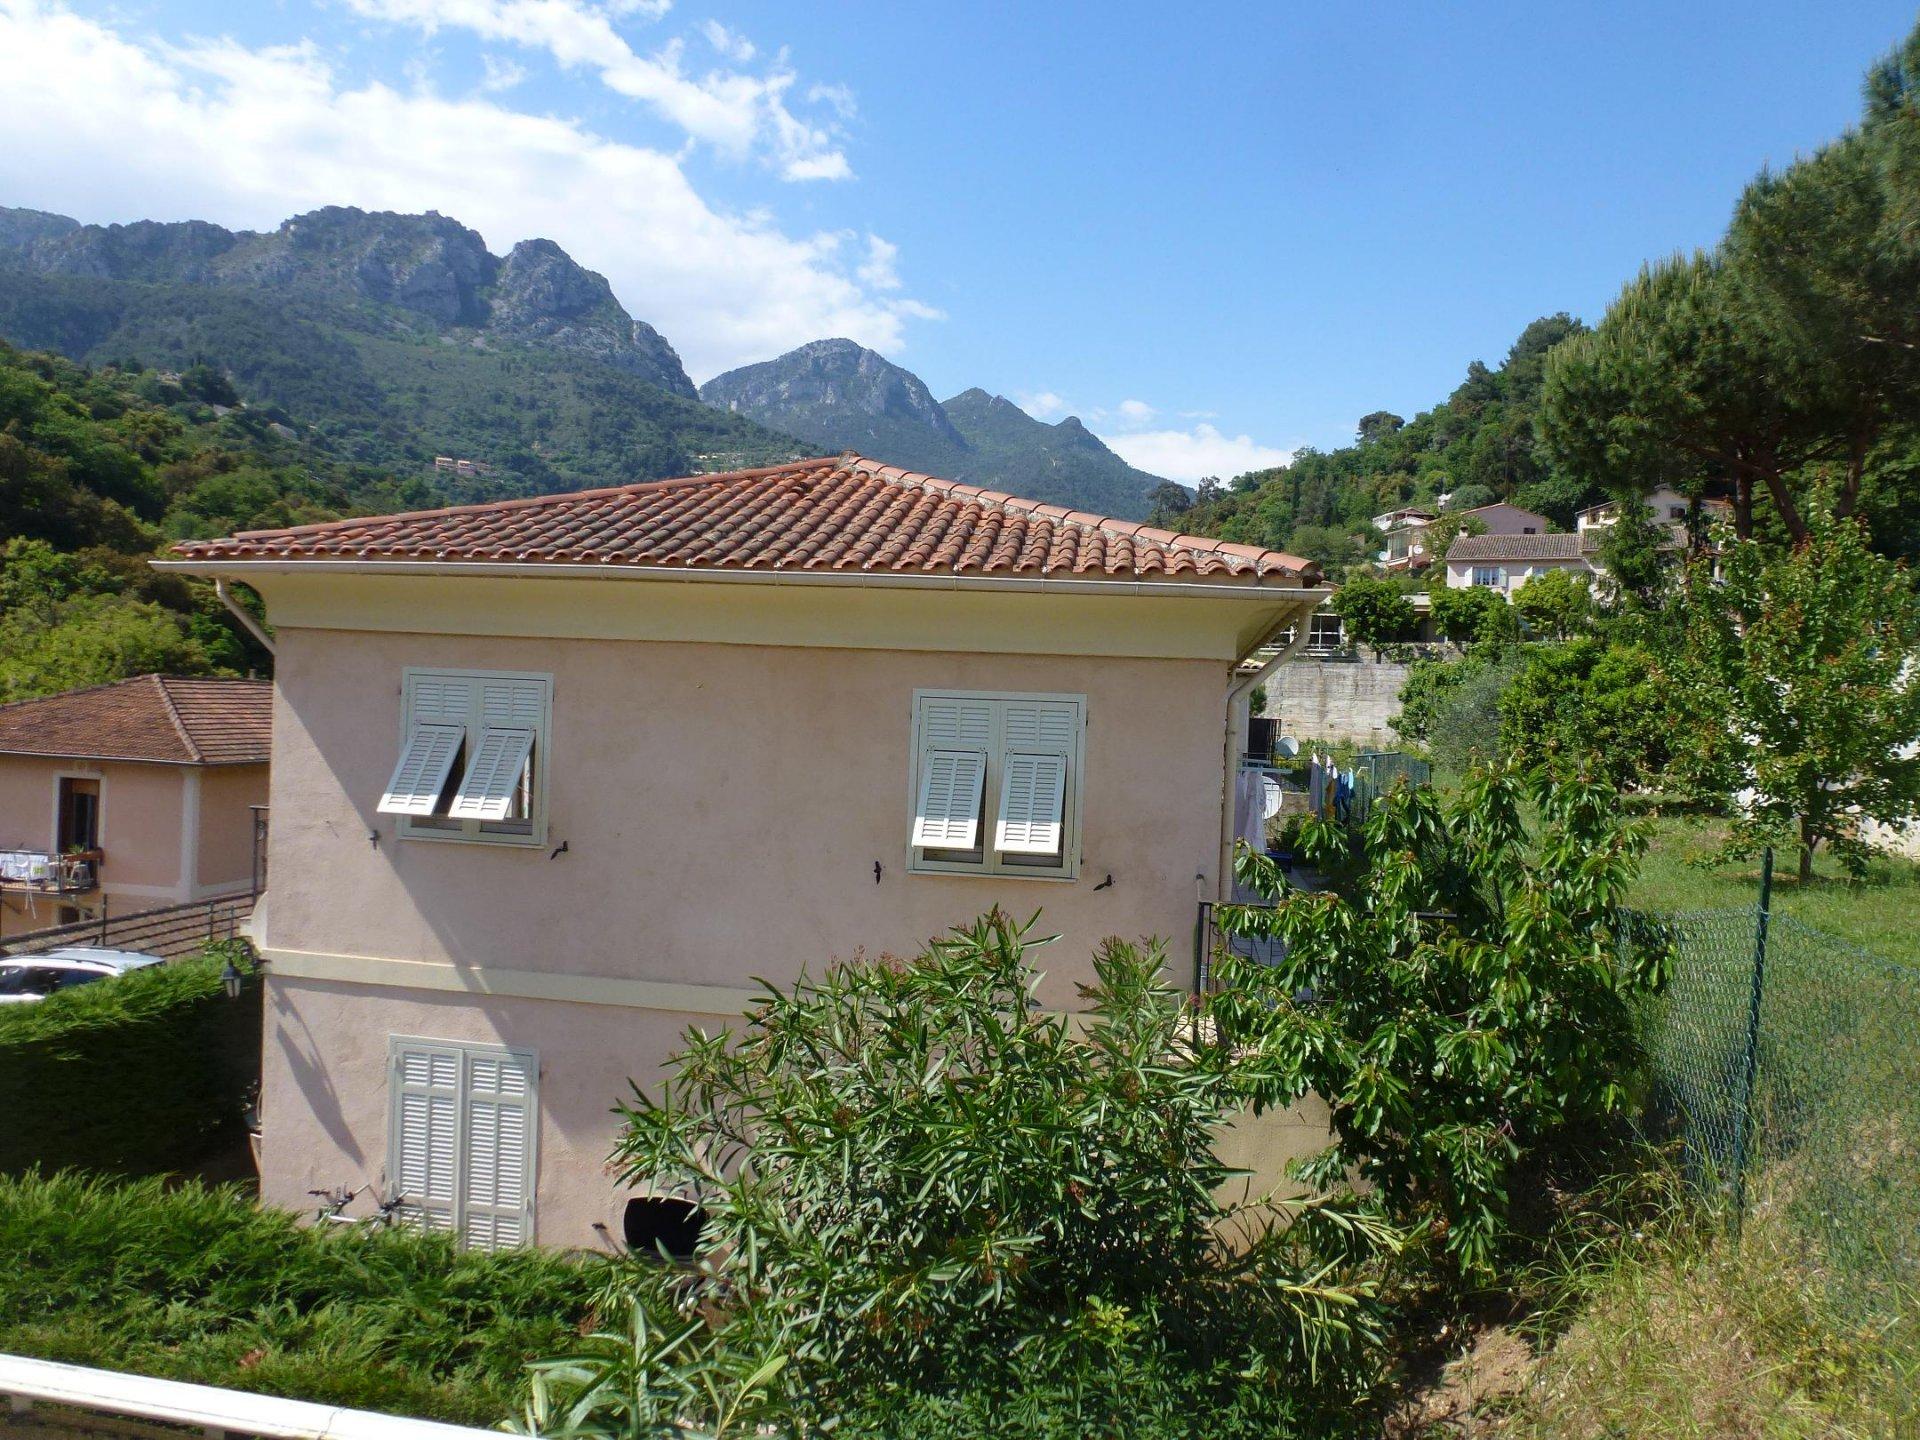 Location Meublée à l'année- Villa Jumelée T3 sur 2 niveaux au calme- terrasses, balcon, cave, 2 parkings